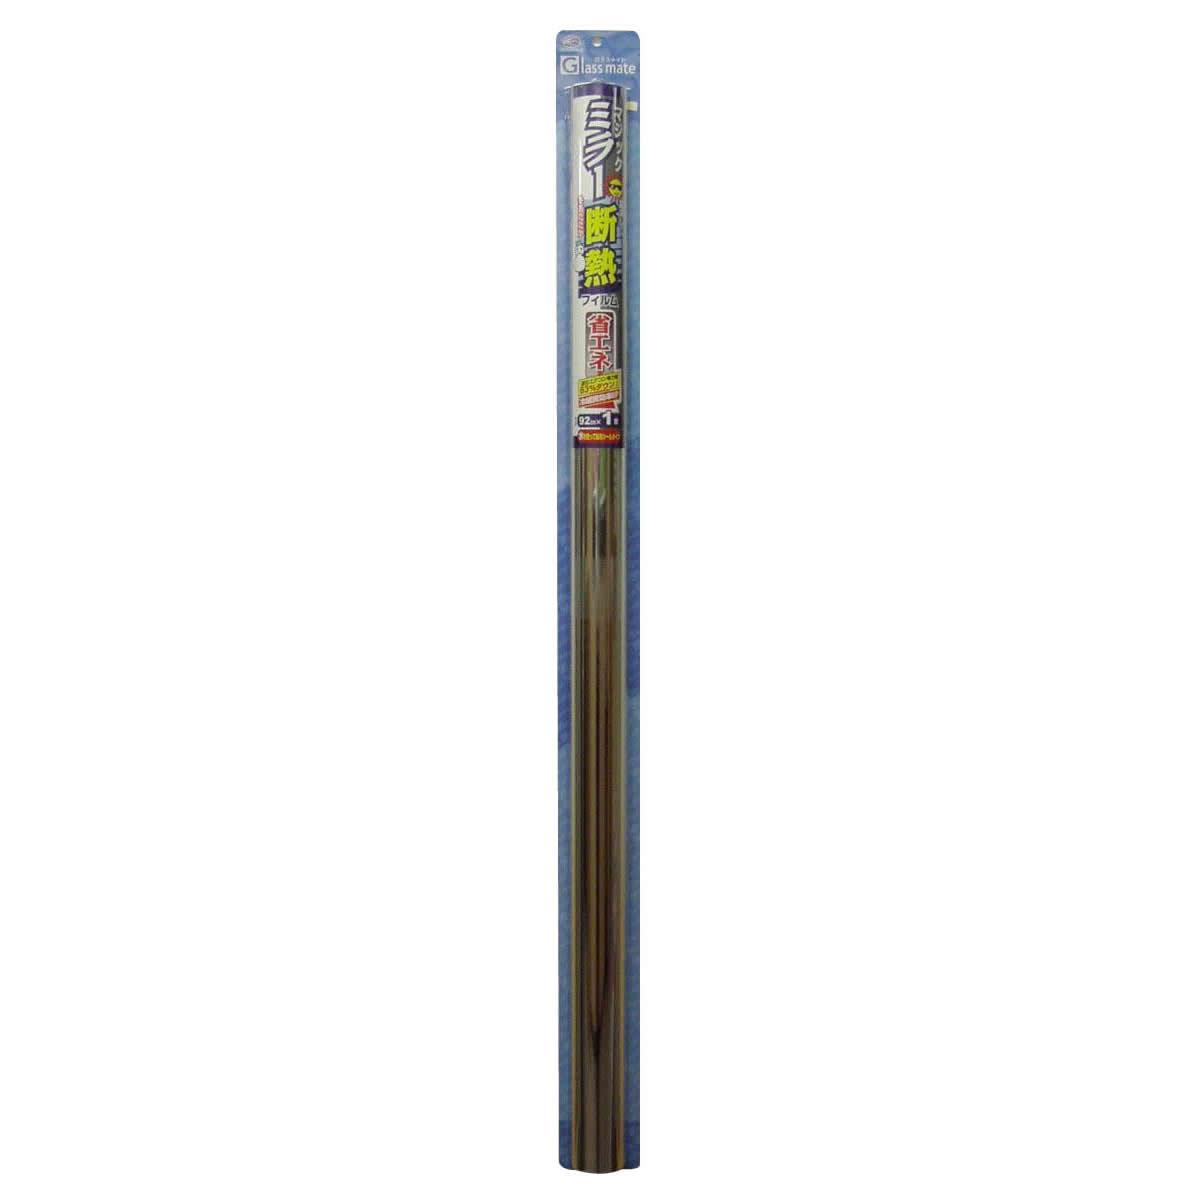 UVカット+省エネ機能がついた マジックミラー断熱フィルム 92×200cm HGS-651L